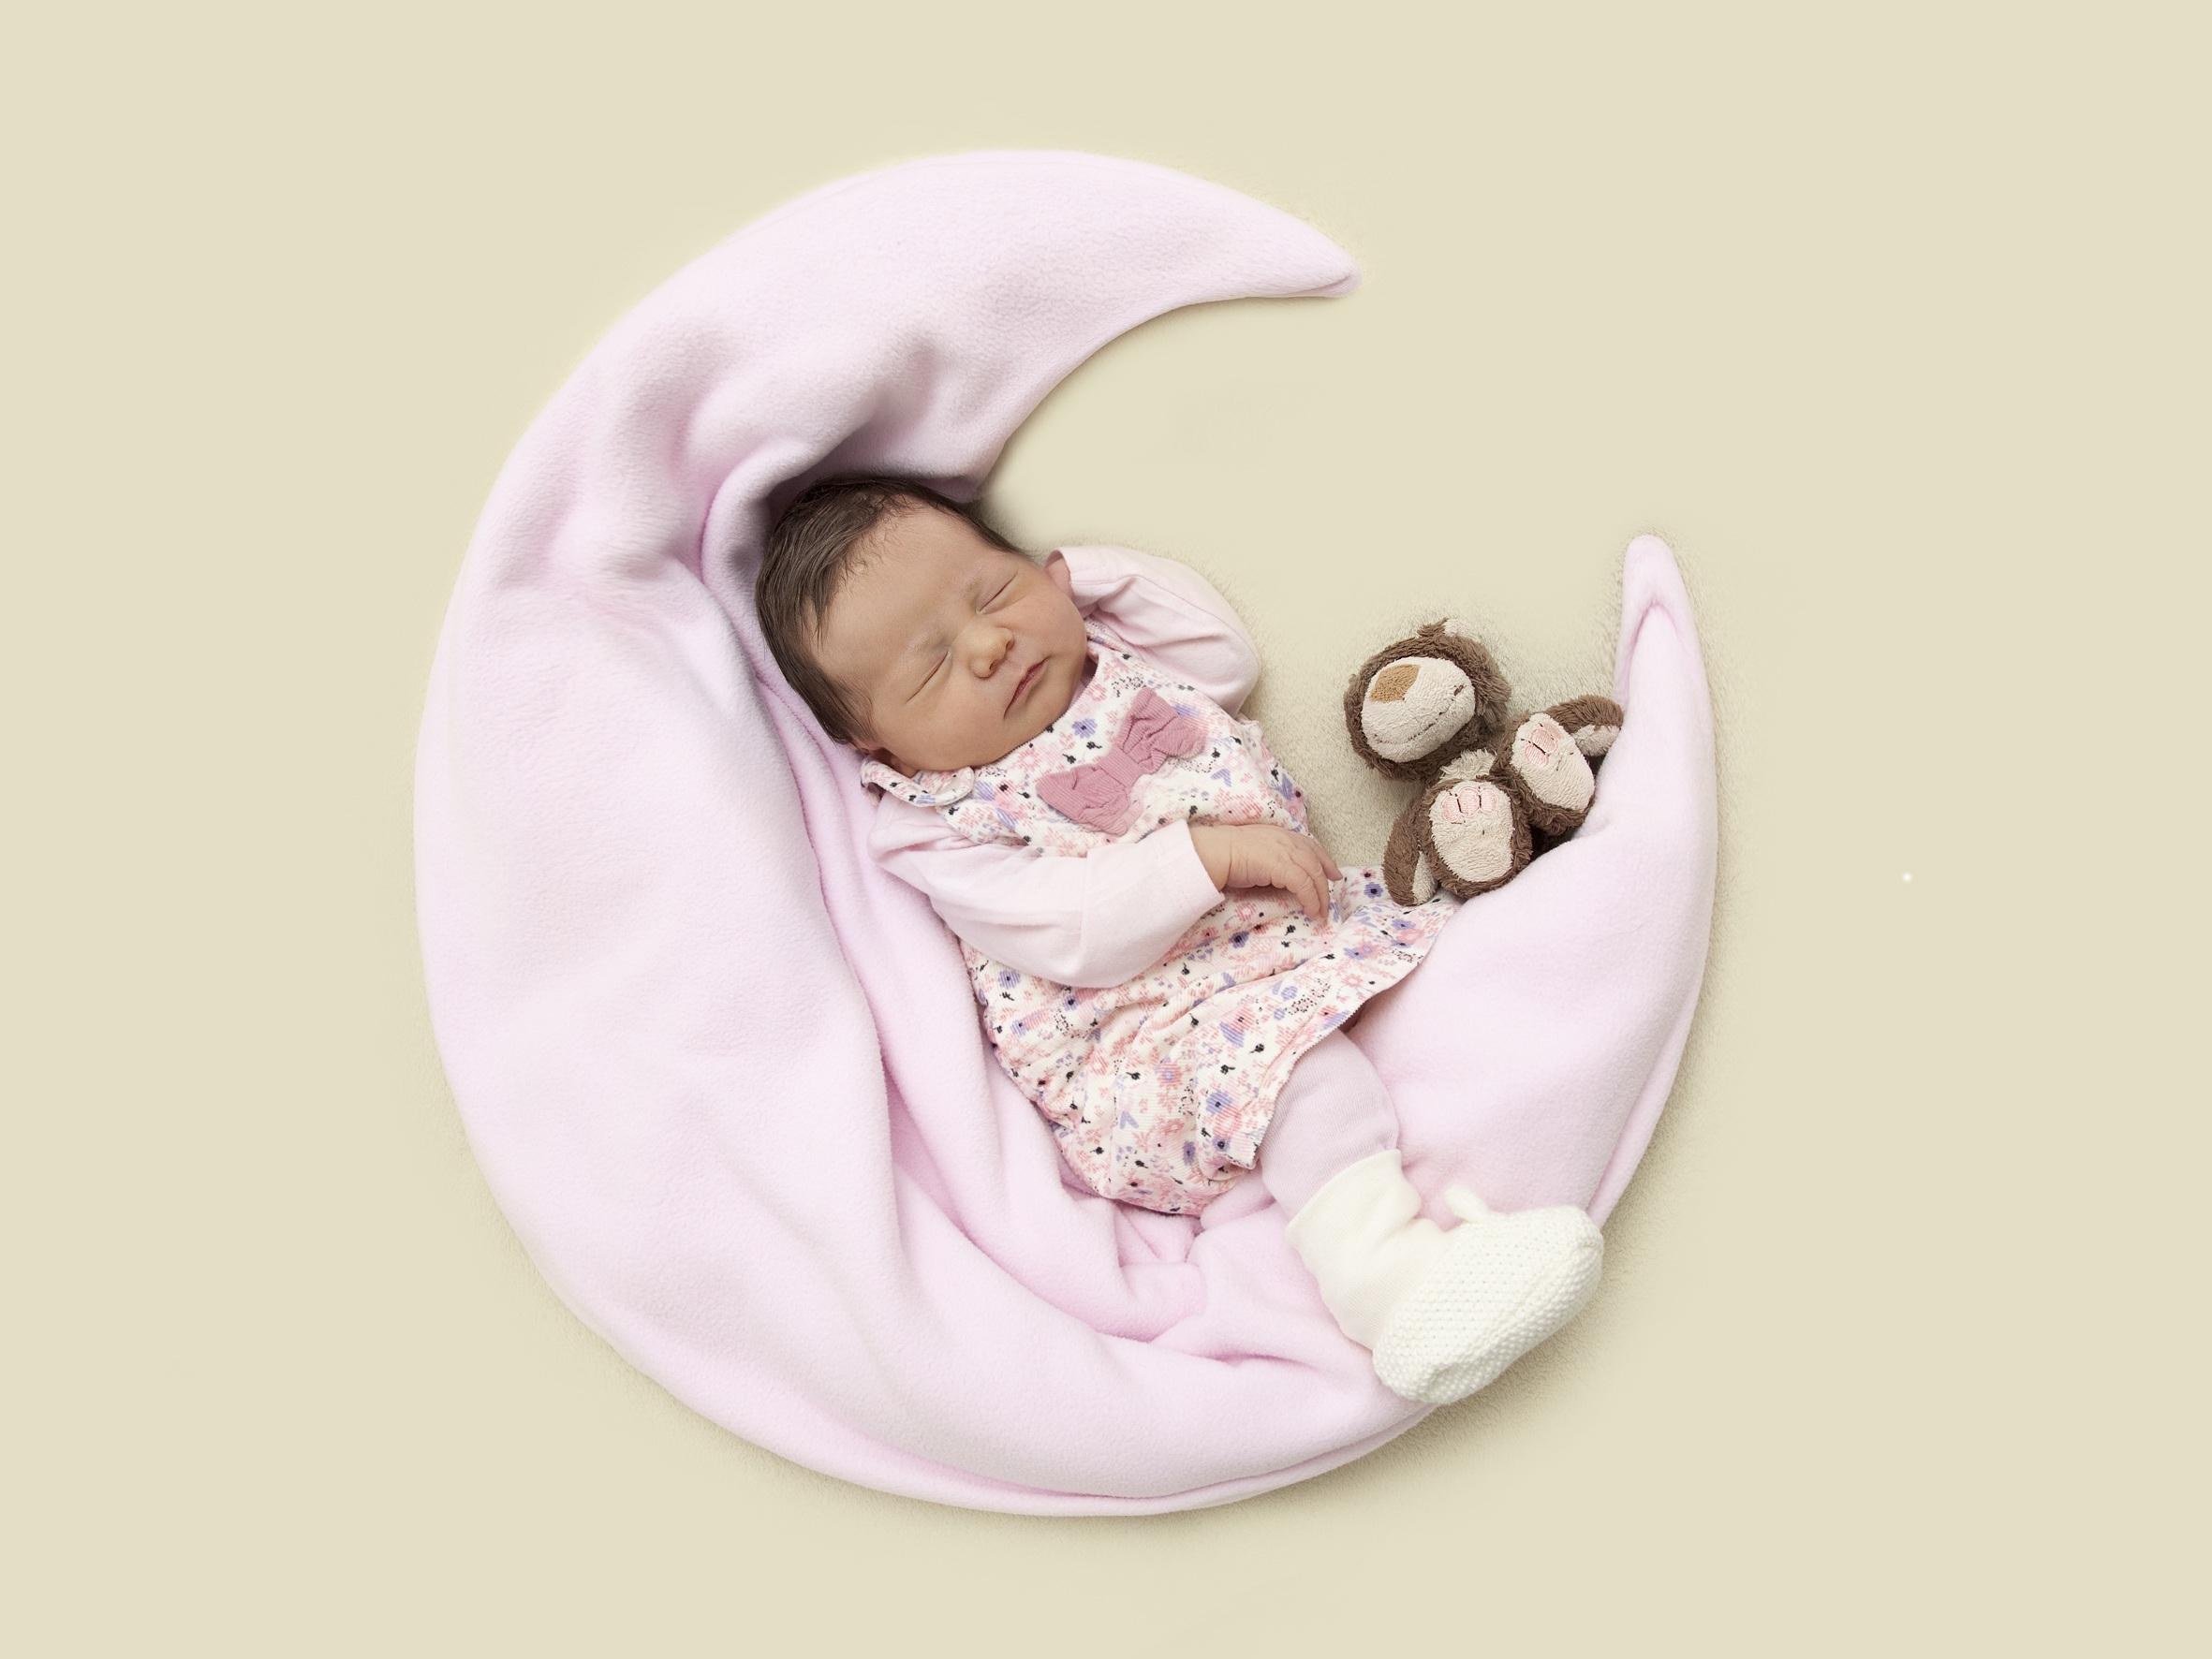 notre grand dossier sur le sommeil de b b baby note. Black Bedroom Furniture Sets. Home Design Ideas